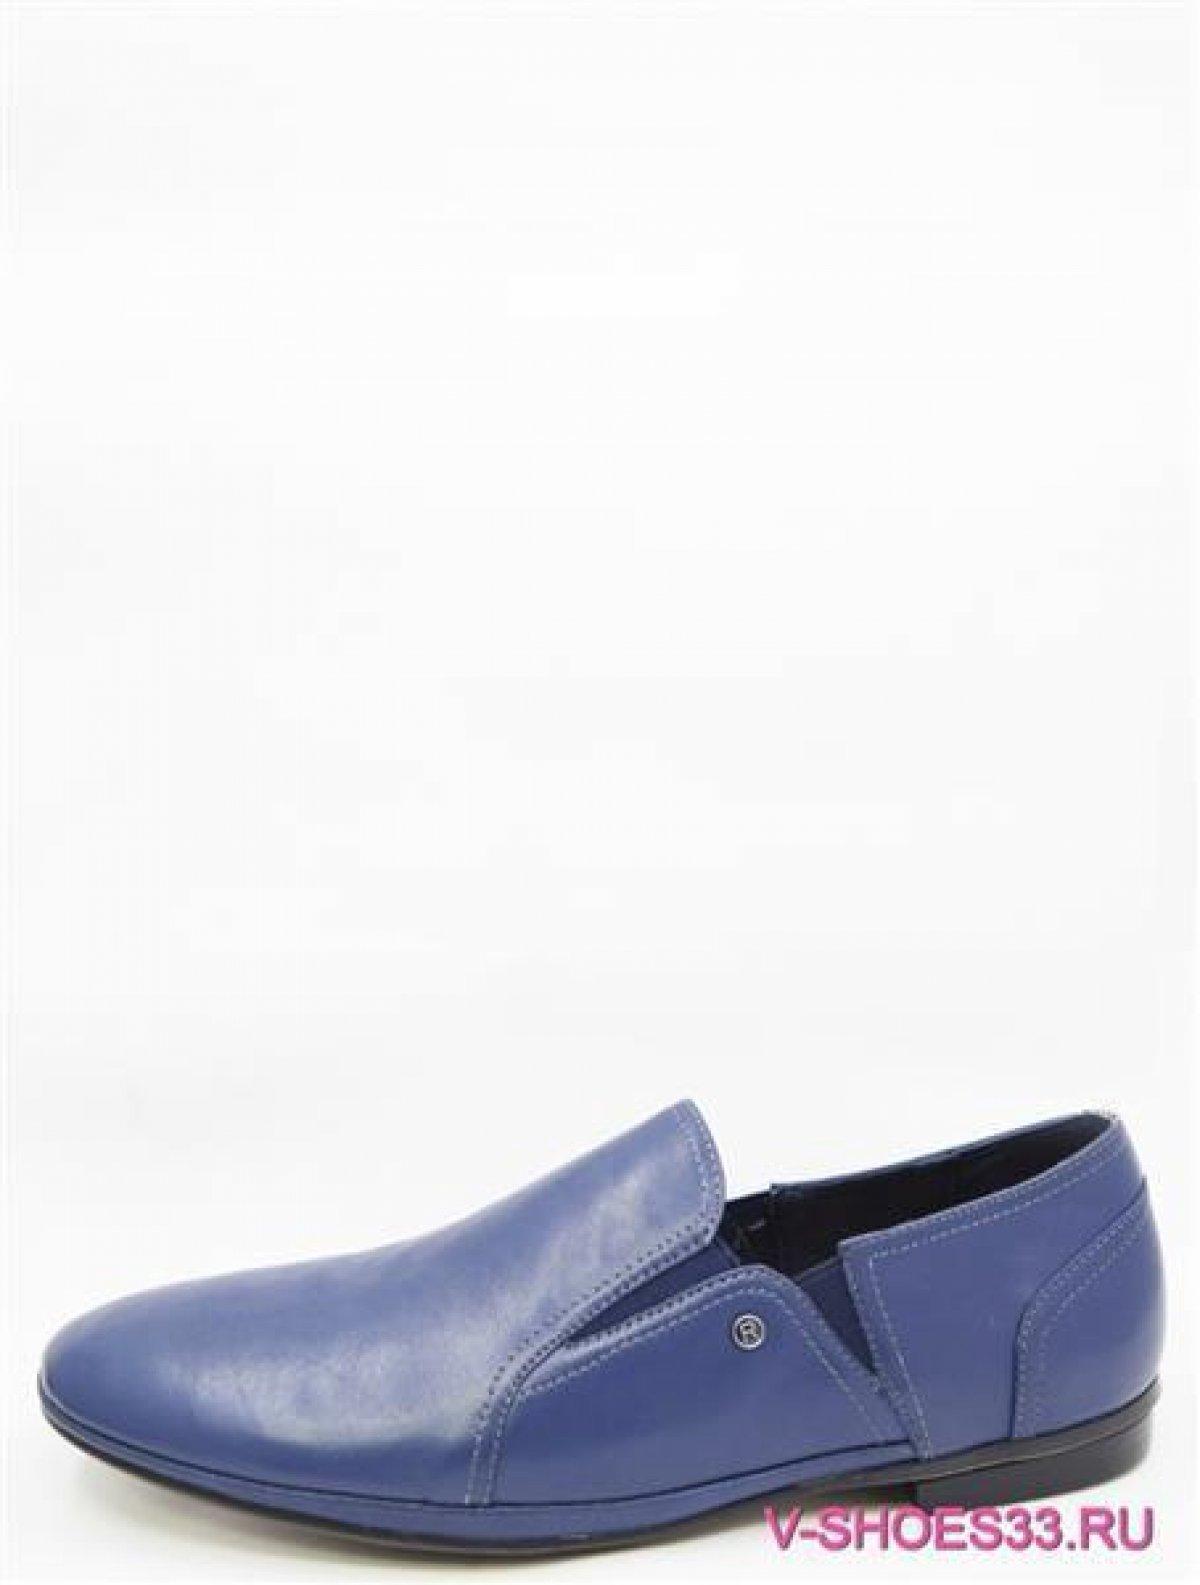 V83-076070 мужские туфли